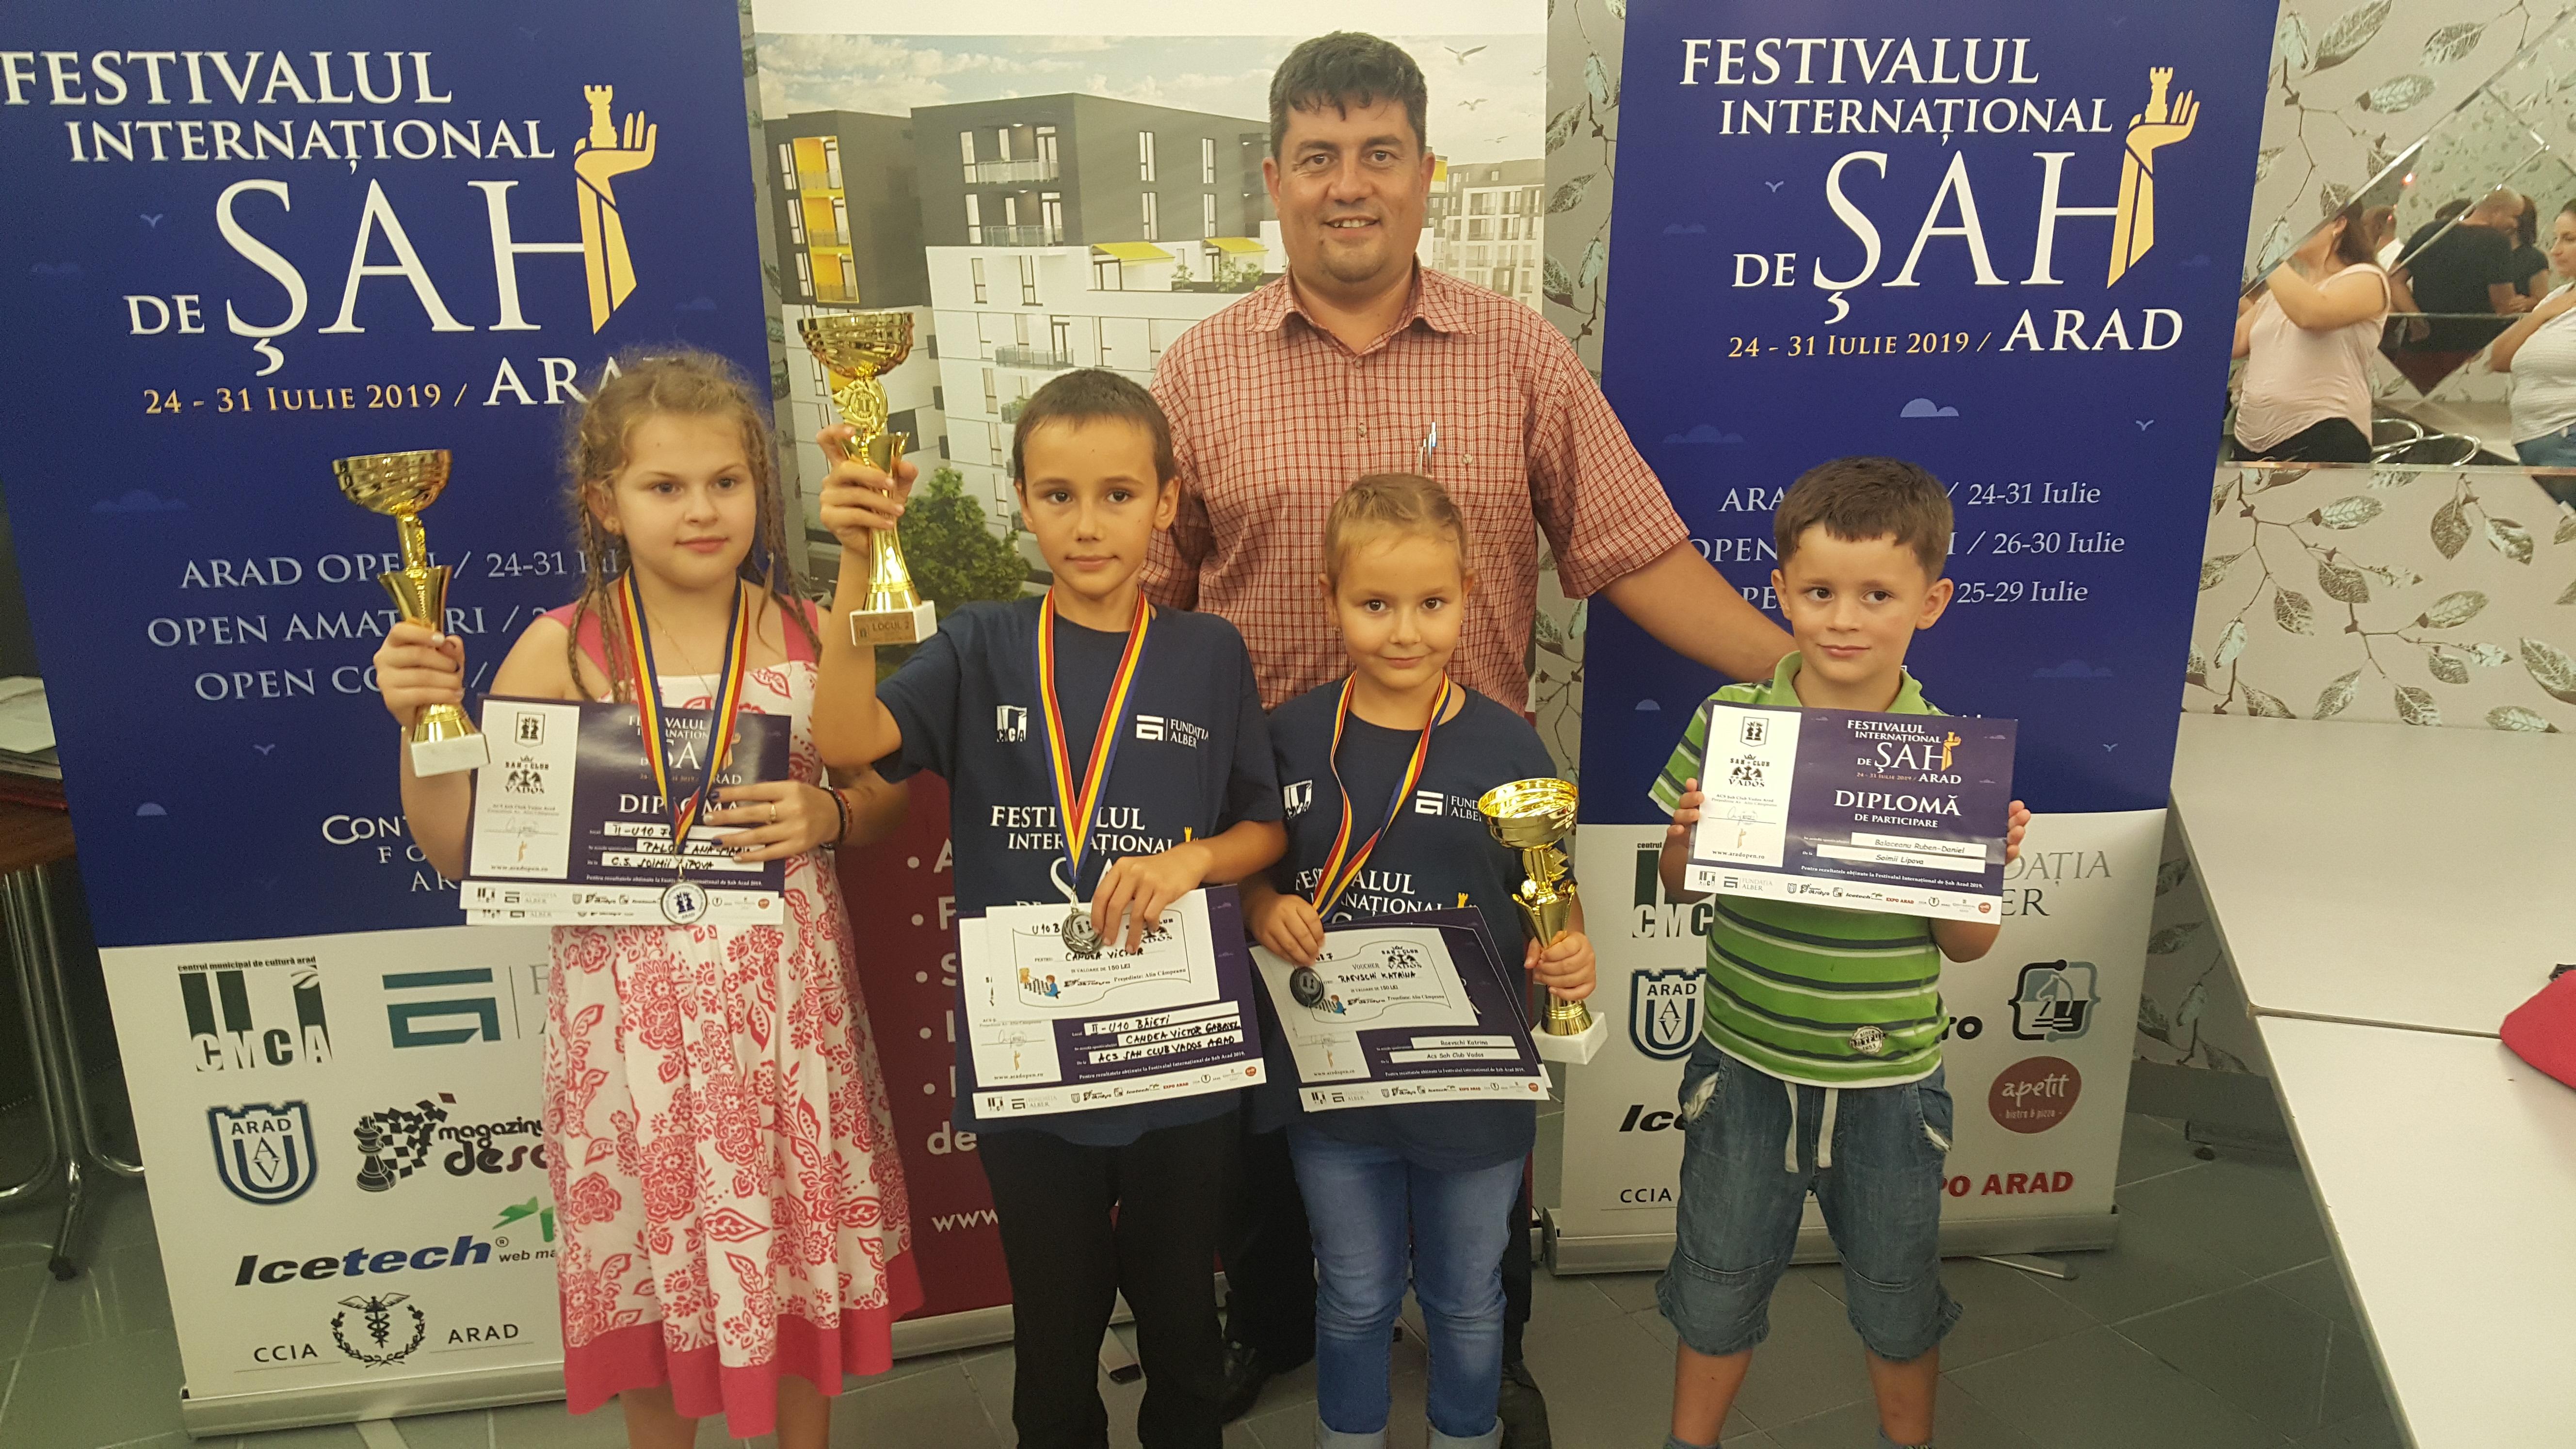 Festivalul Internațional de Șah – Arad 2019